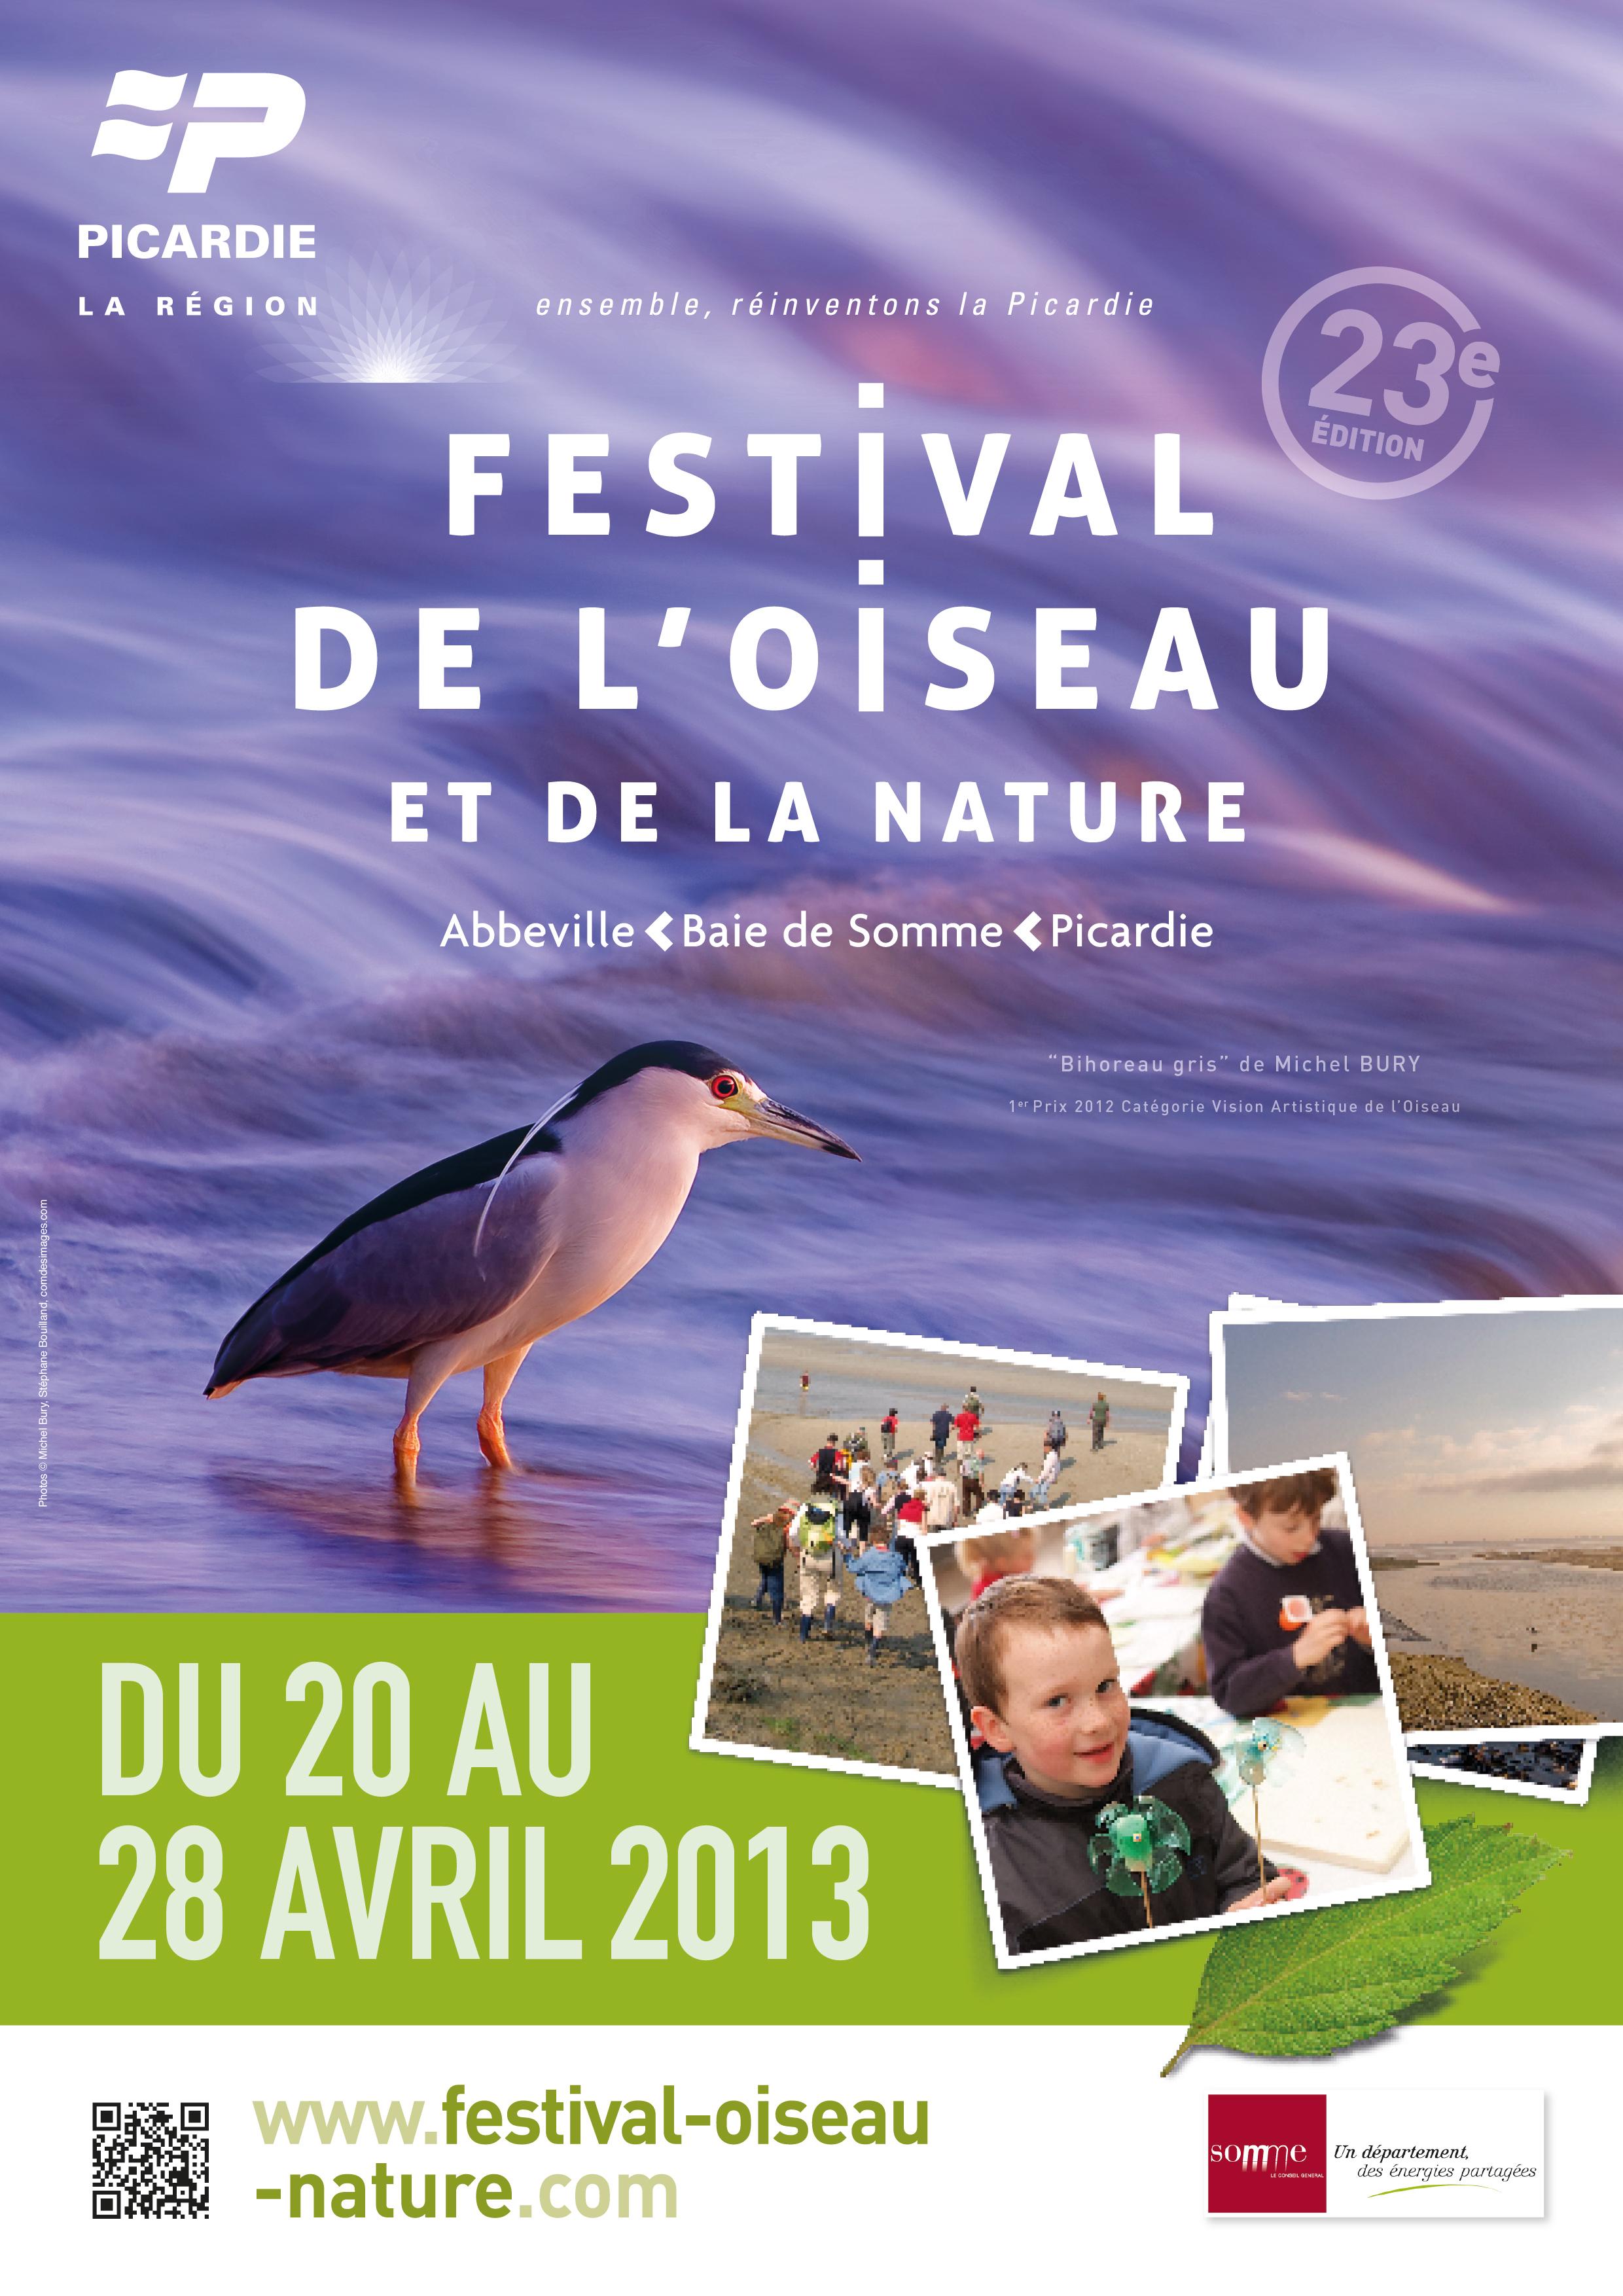 80 - Abbeville • Village photo du Festival de l'Oiseau et de la Nature